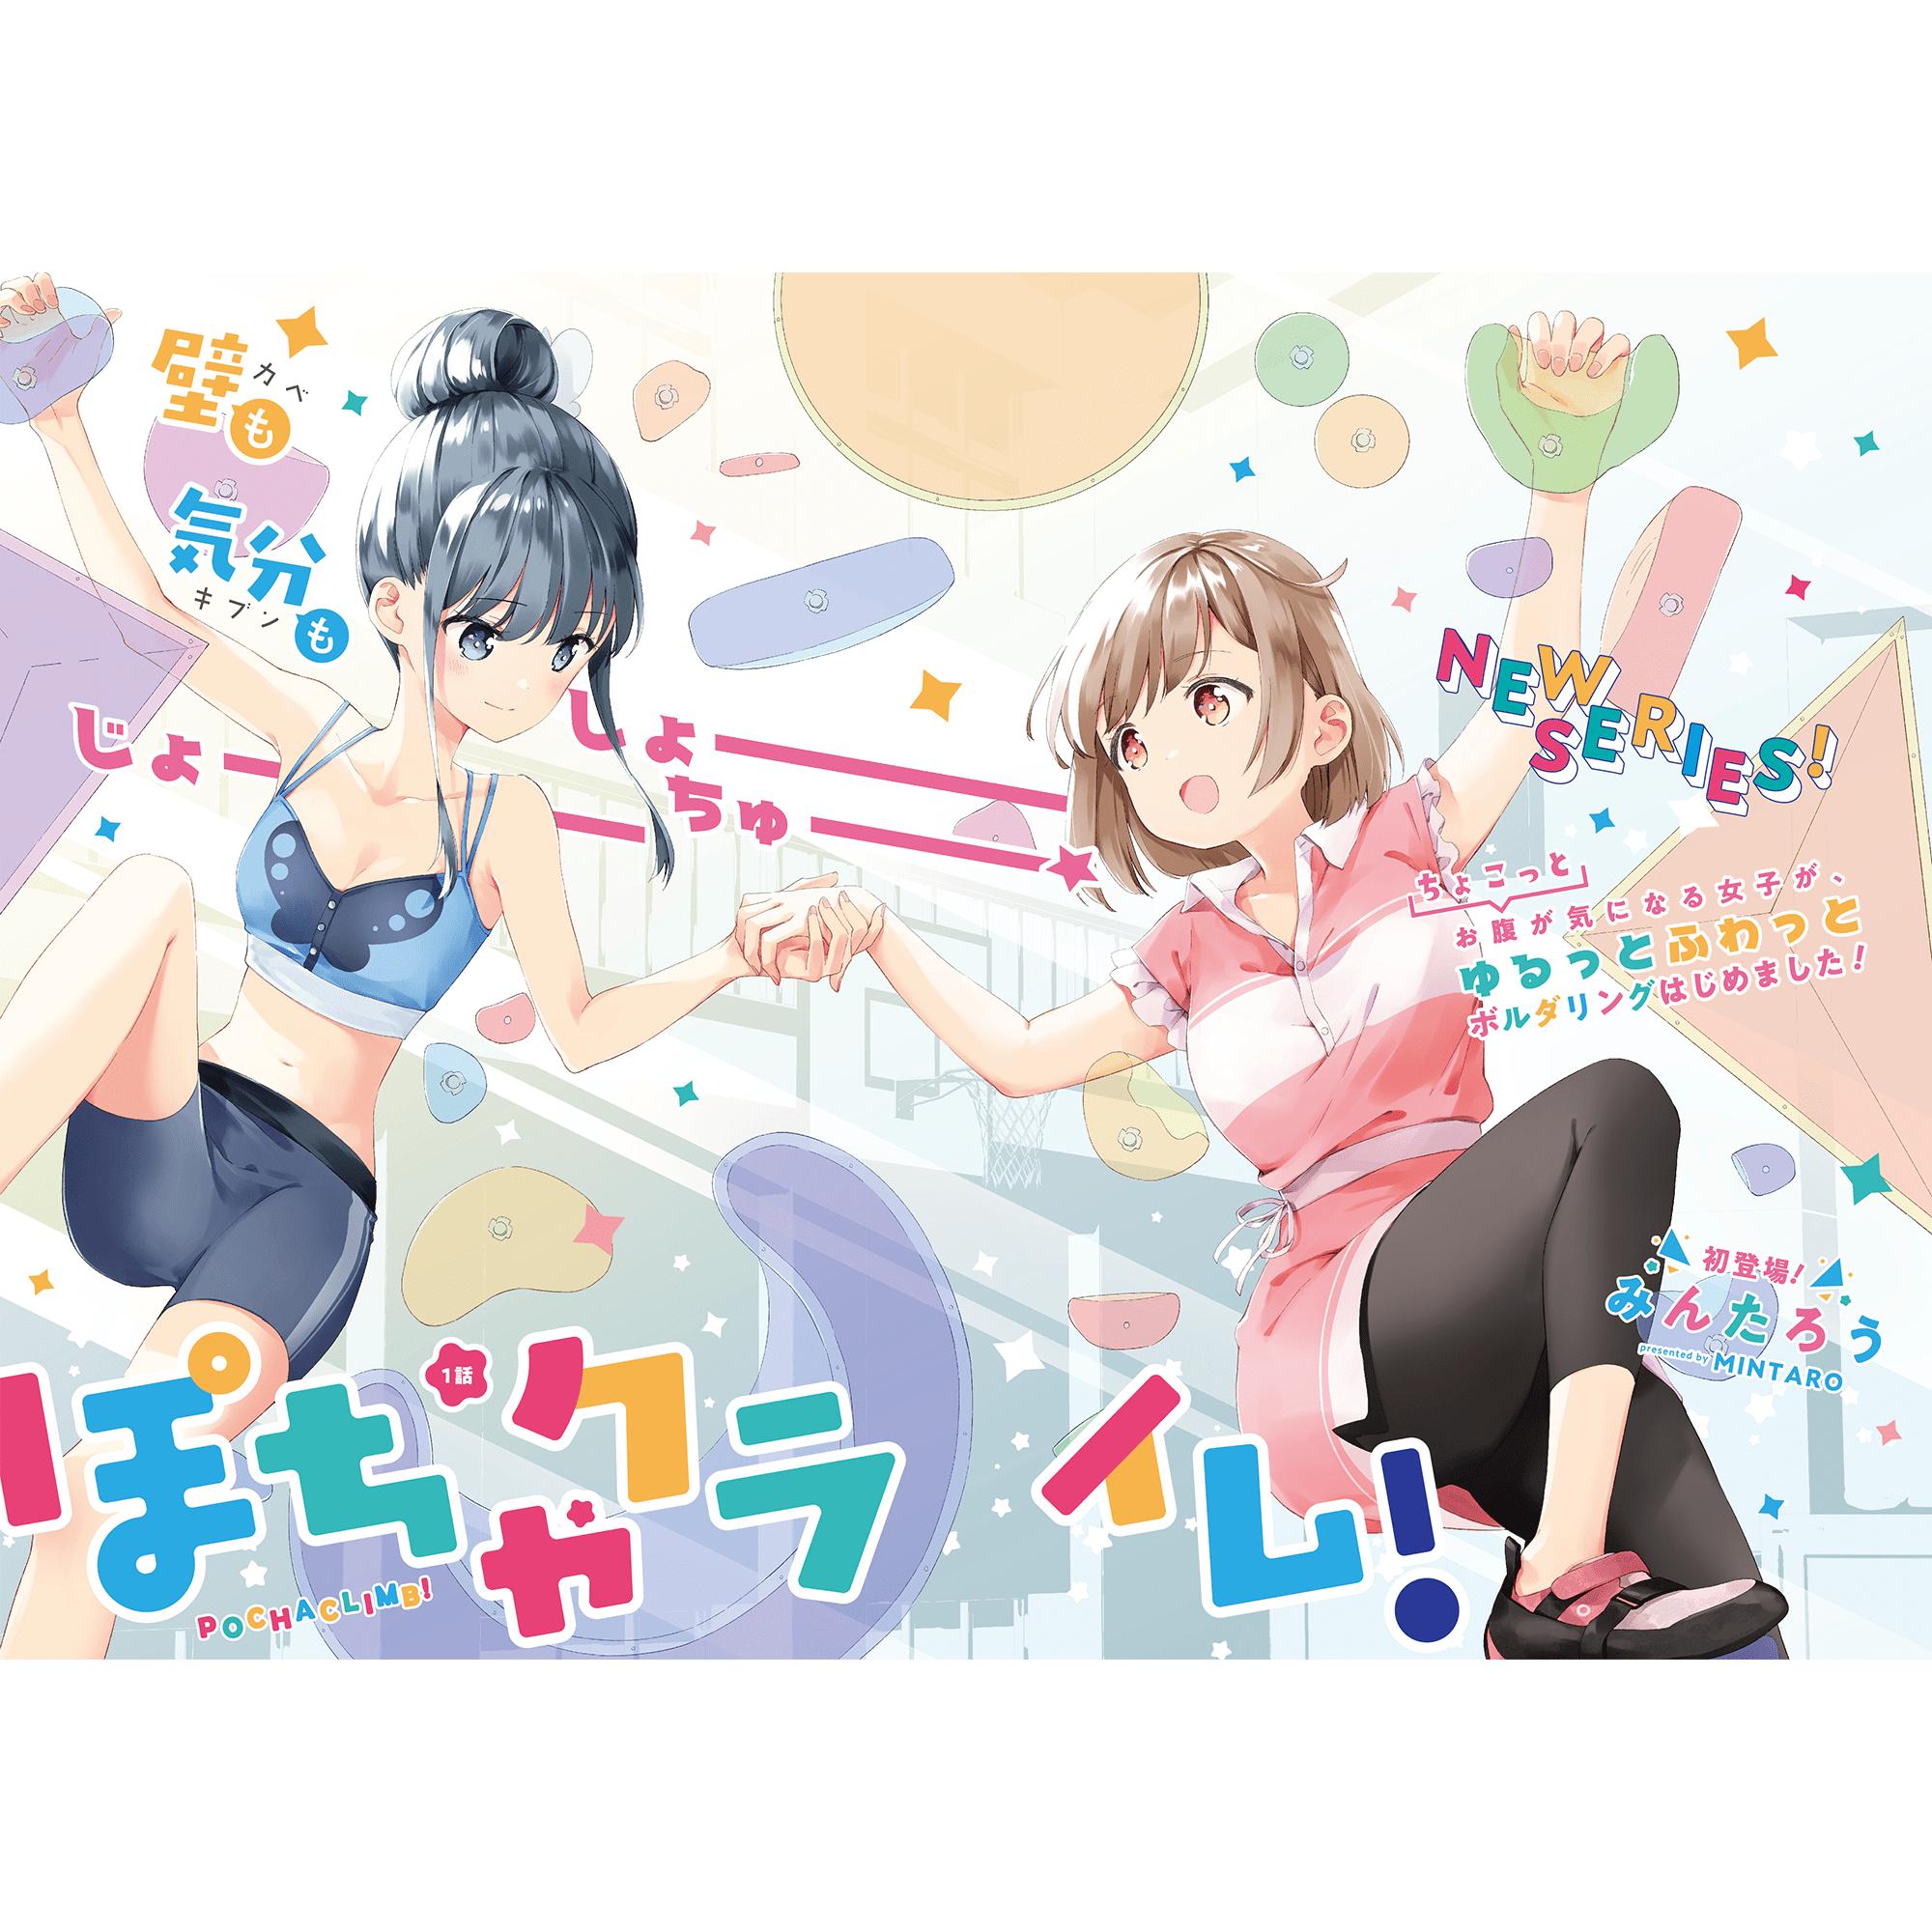 ぽちゃクライム!巻頭カラーページデザイン